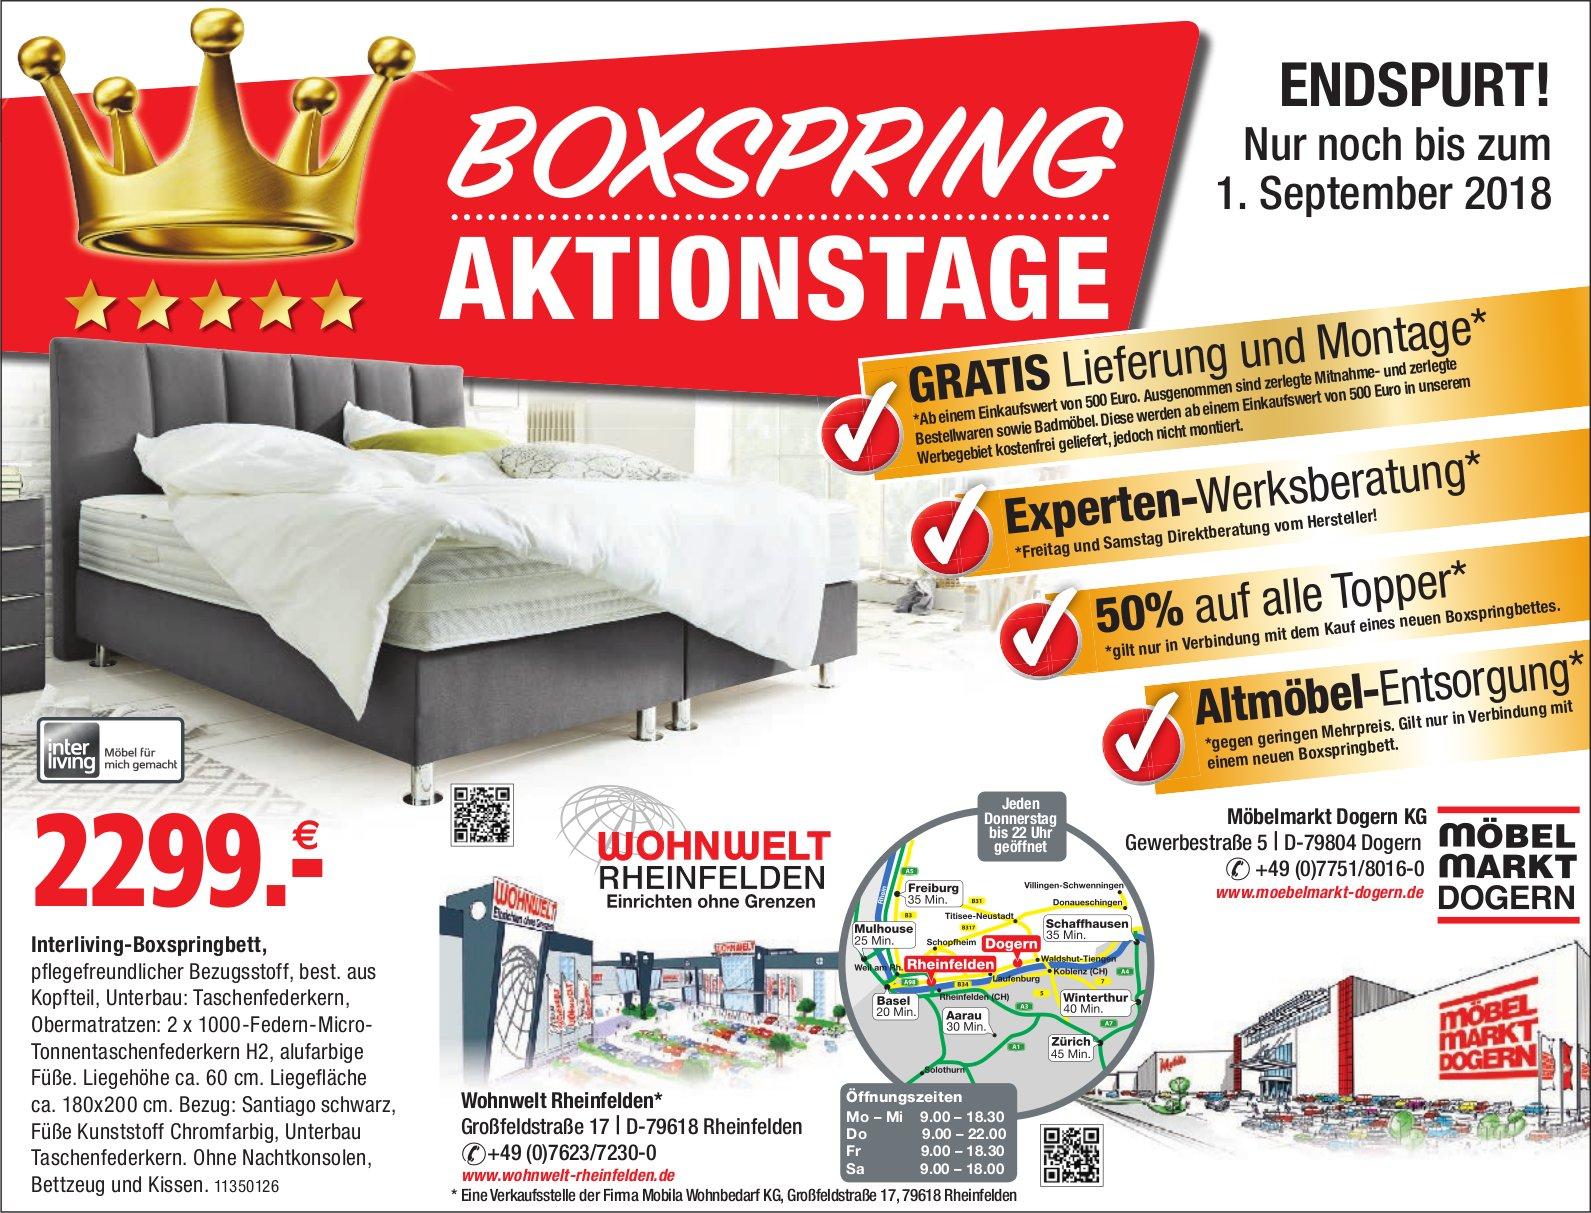 Wohnwelt Rheinfelden Möbelmarkt Dogern Kg Boxspring Aktionstage